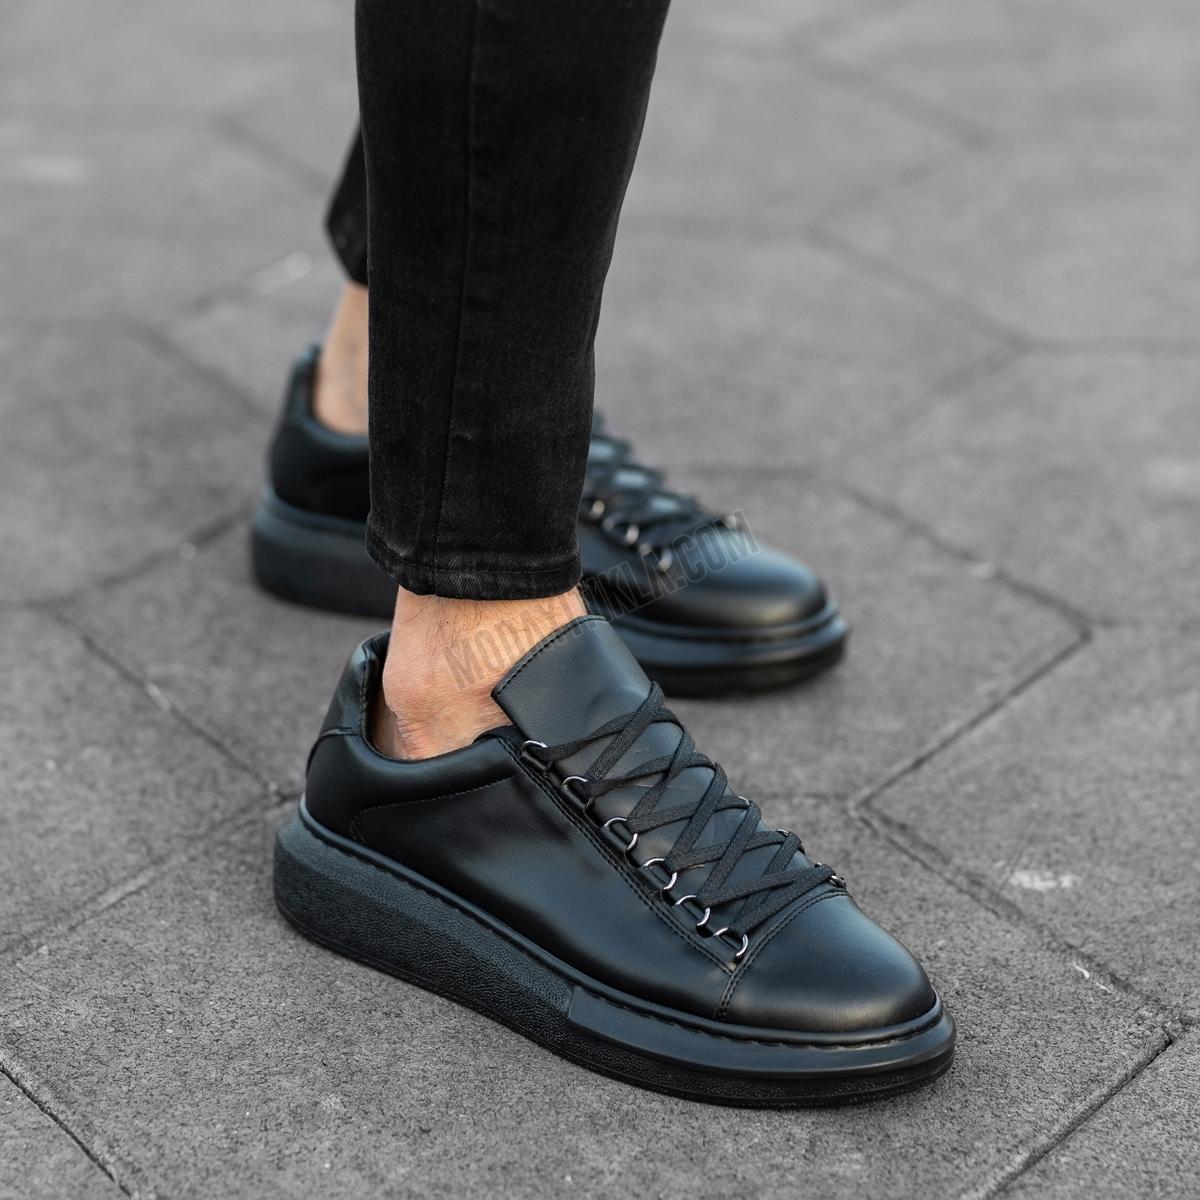 Erkek Yüksek Taban Halka Bağcıklı Full Siyah Ayakkabı